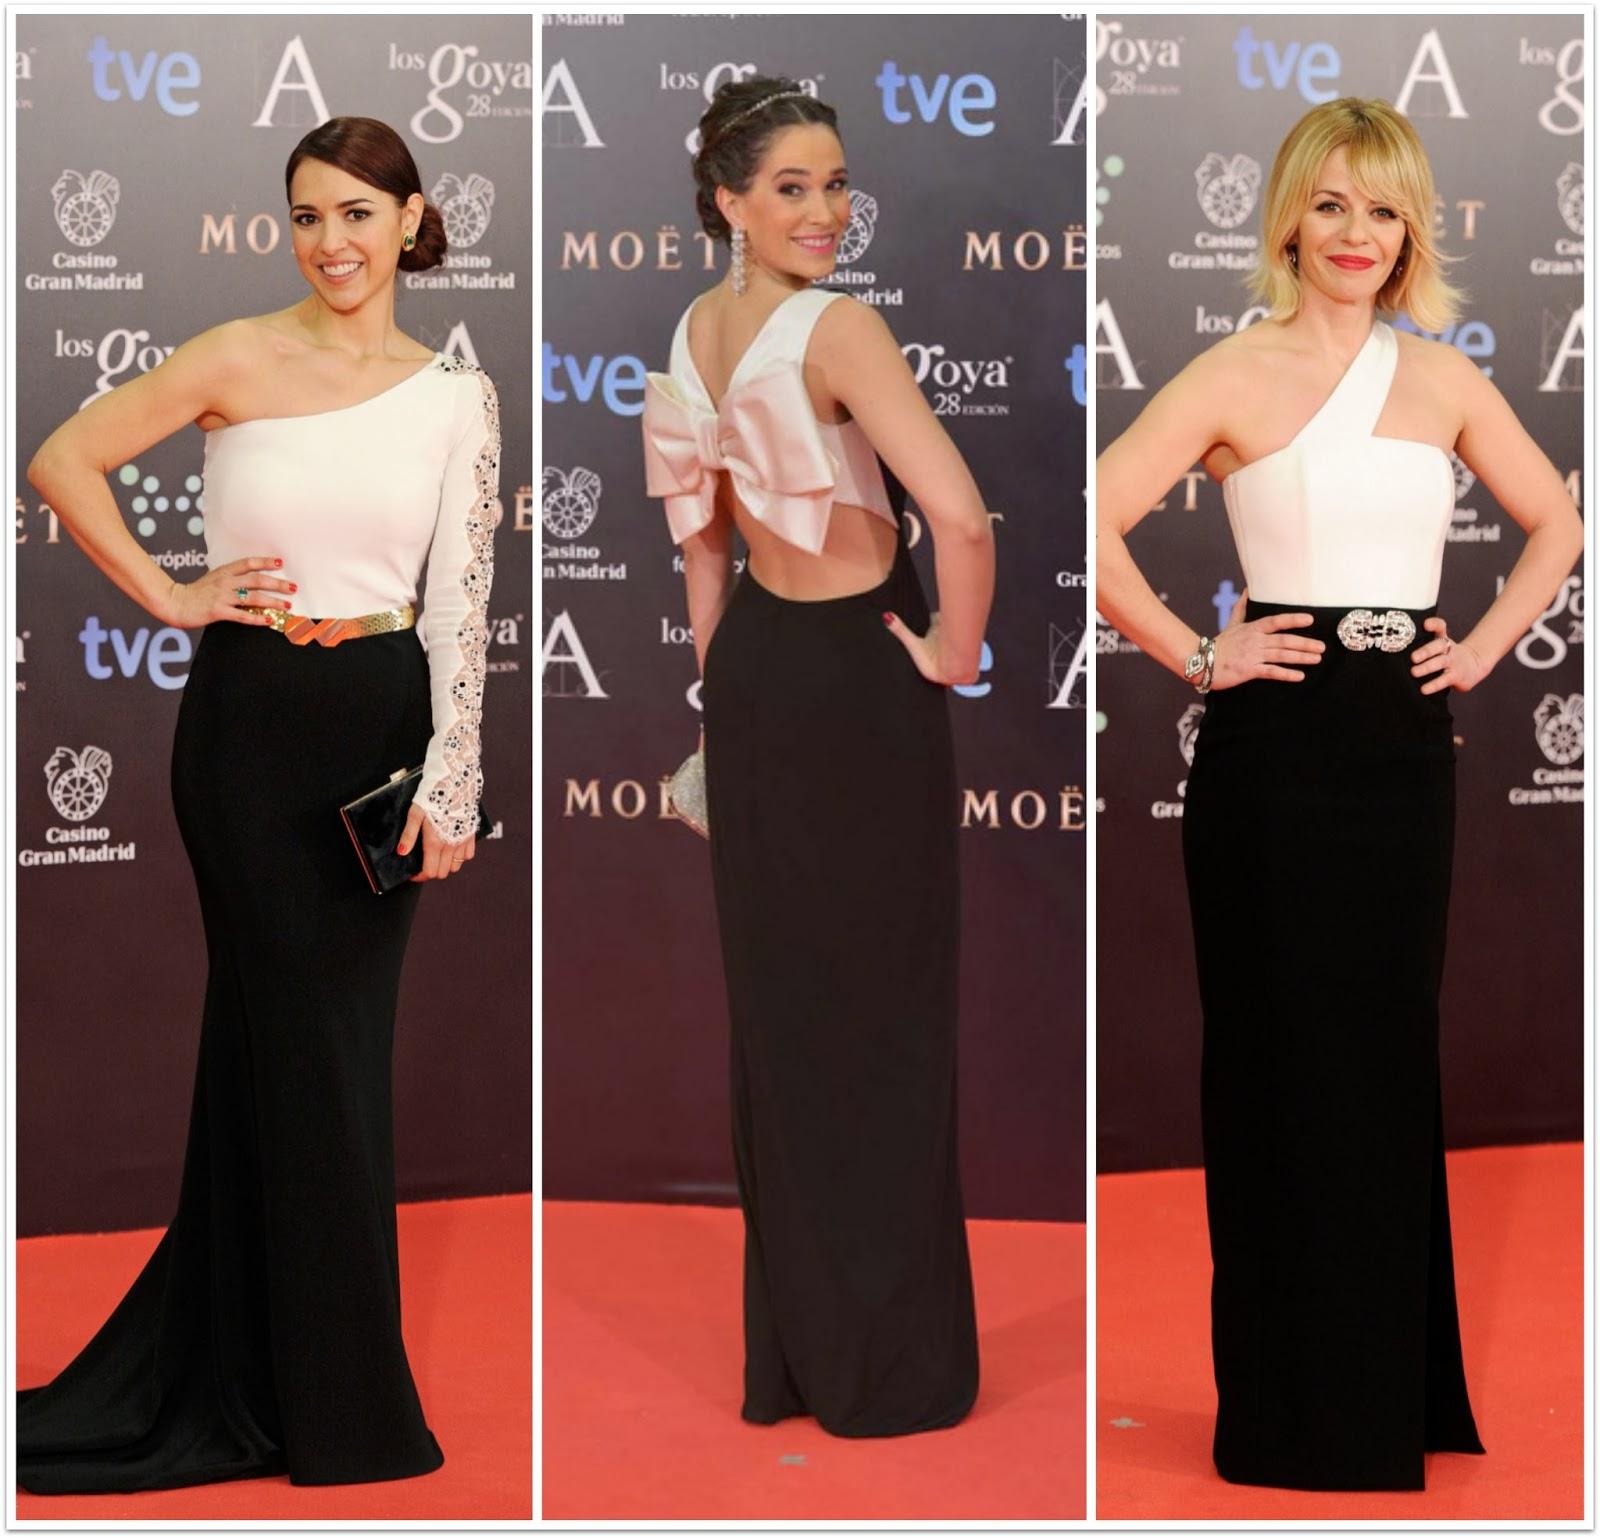 Black and White style Los Goya 28 - 2014 - Cristina Bordo, Celia Freijeiro y María Dánez